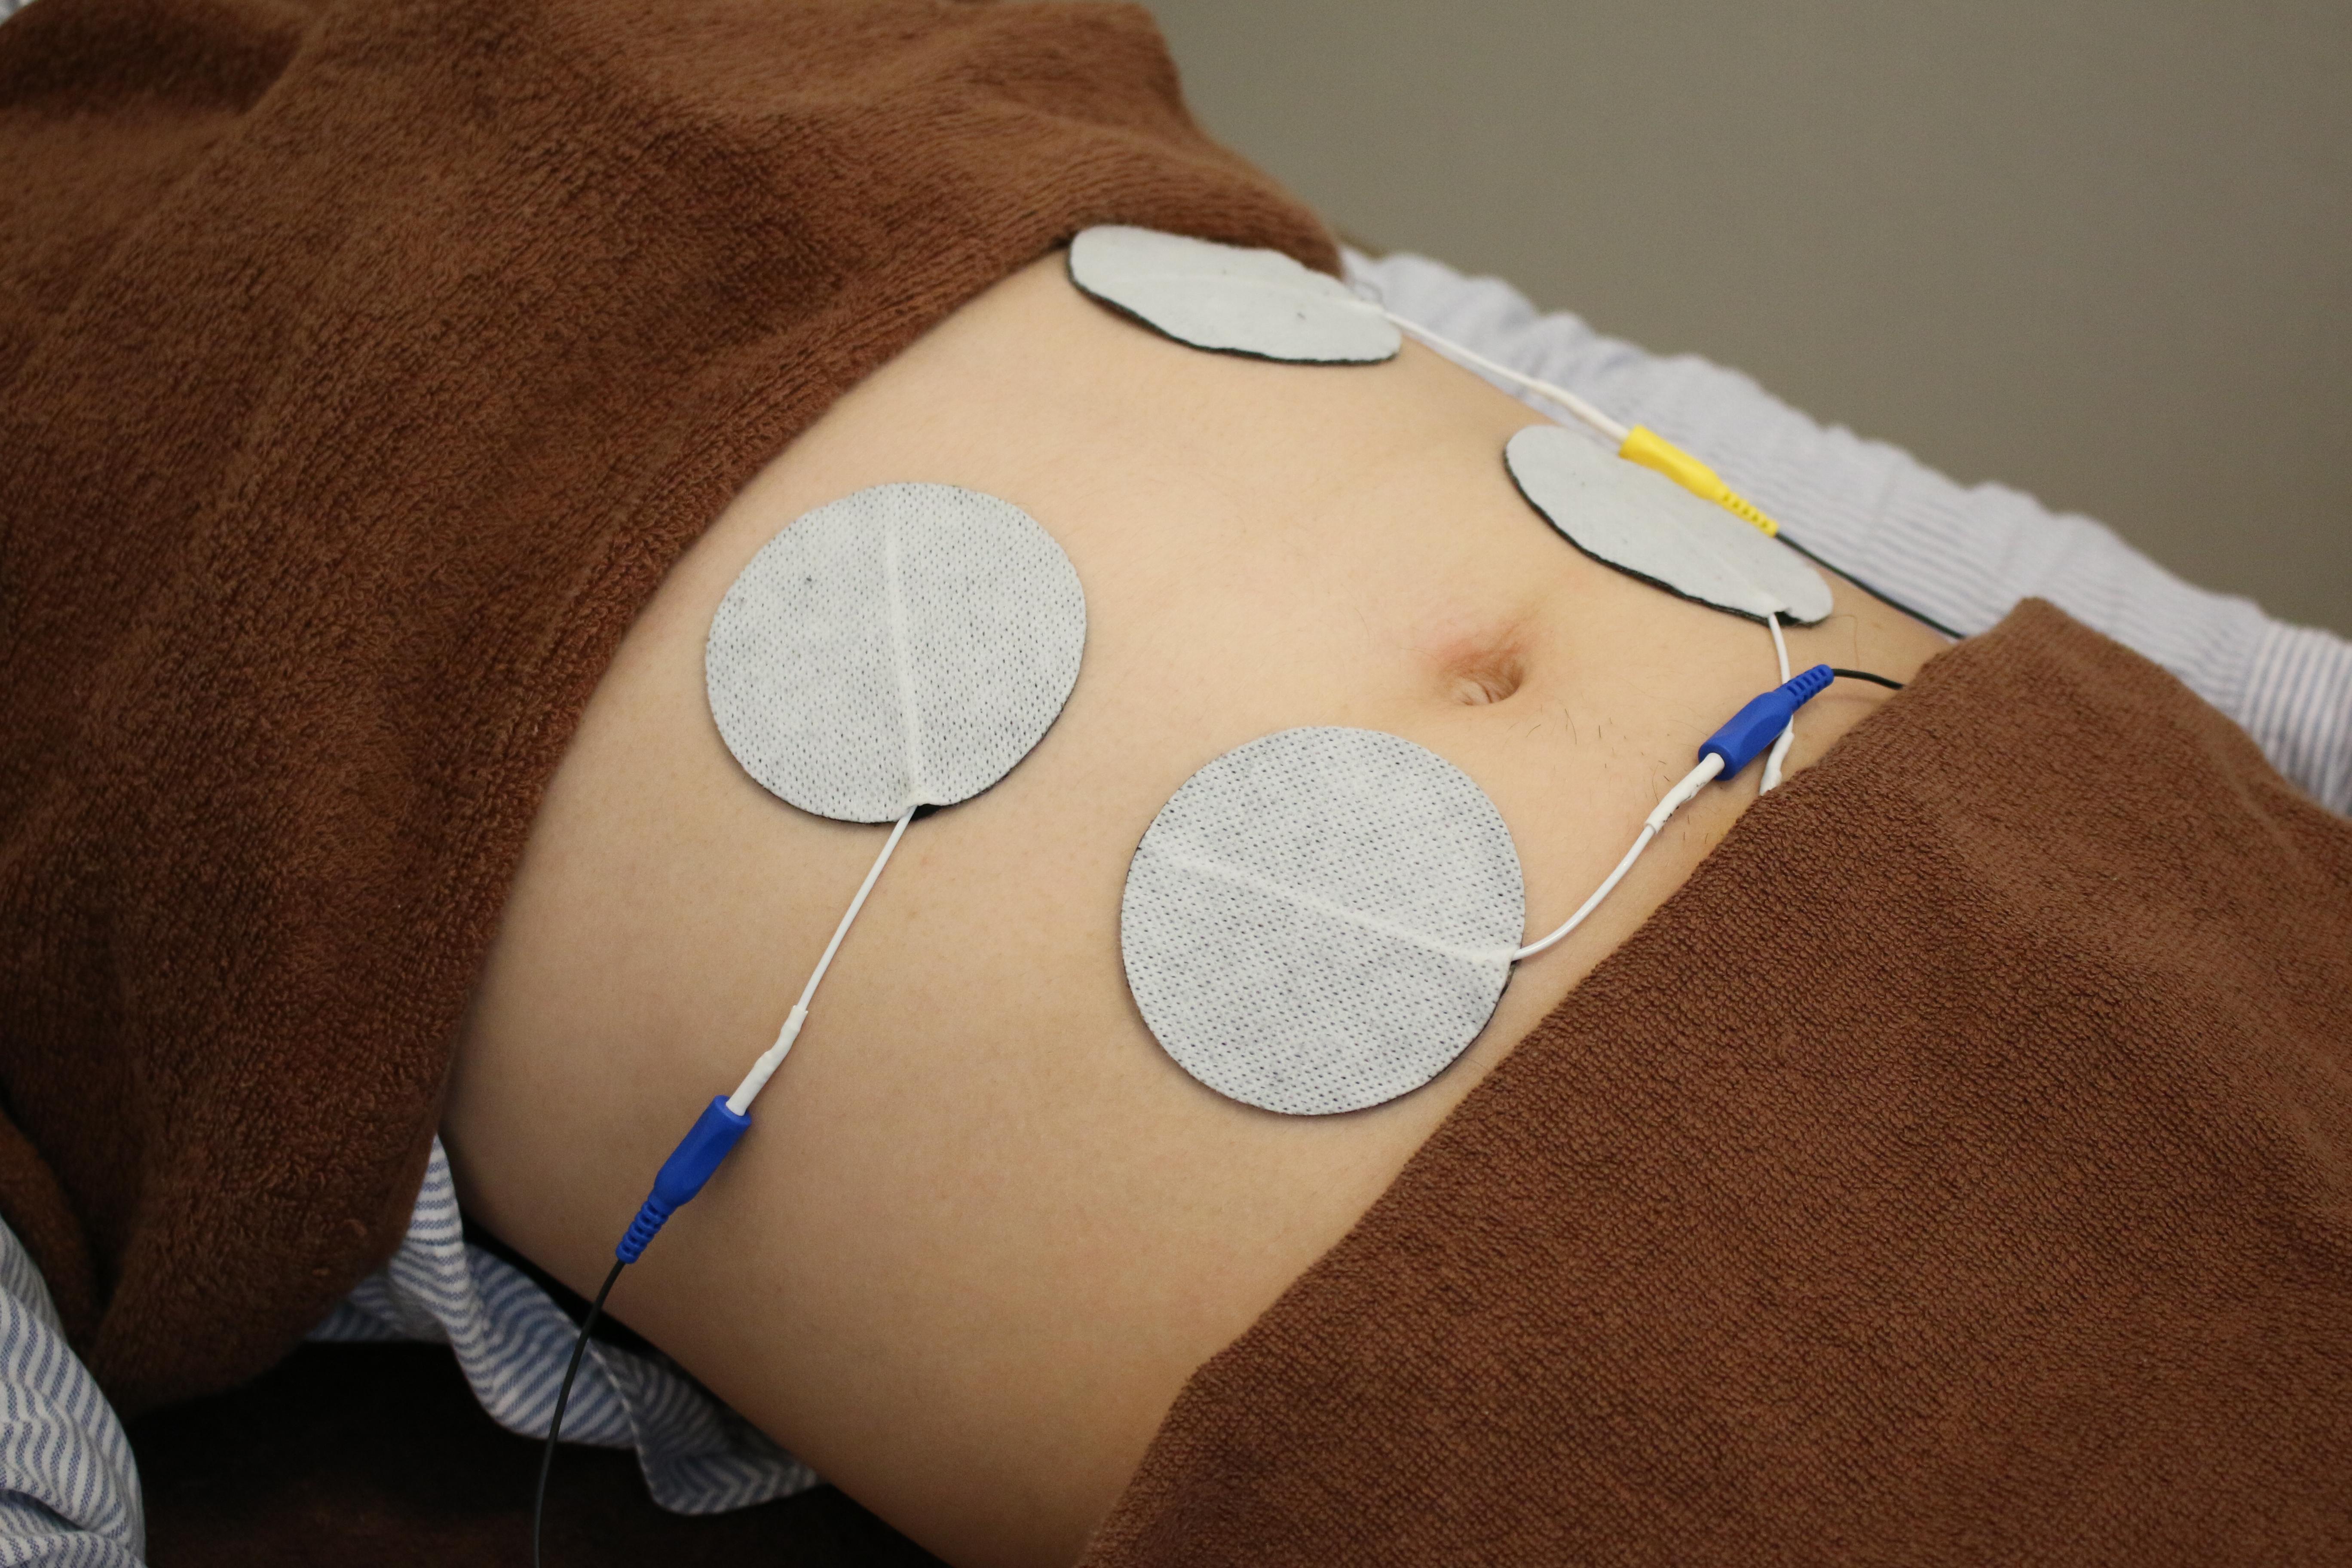 電気治療を行います。